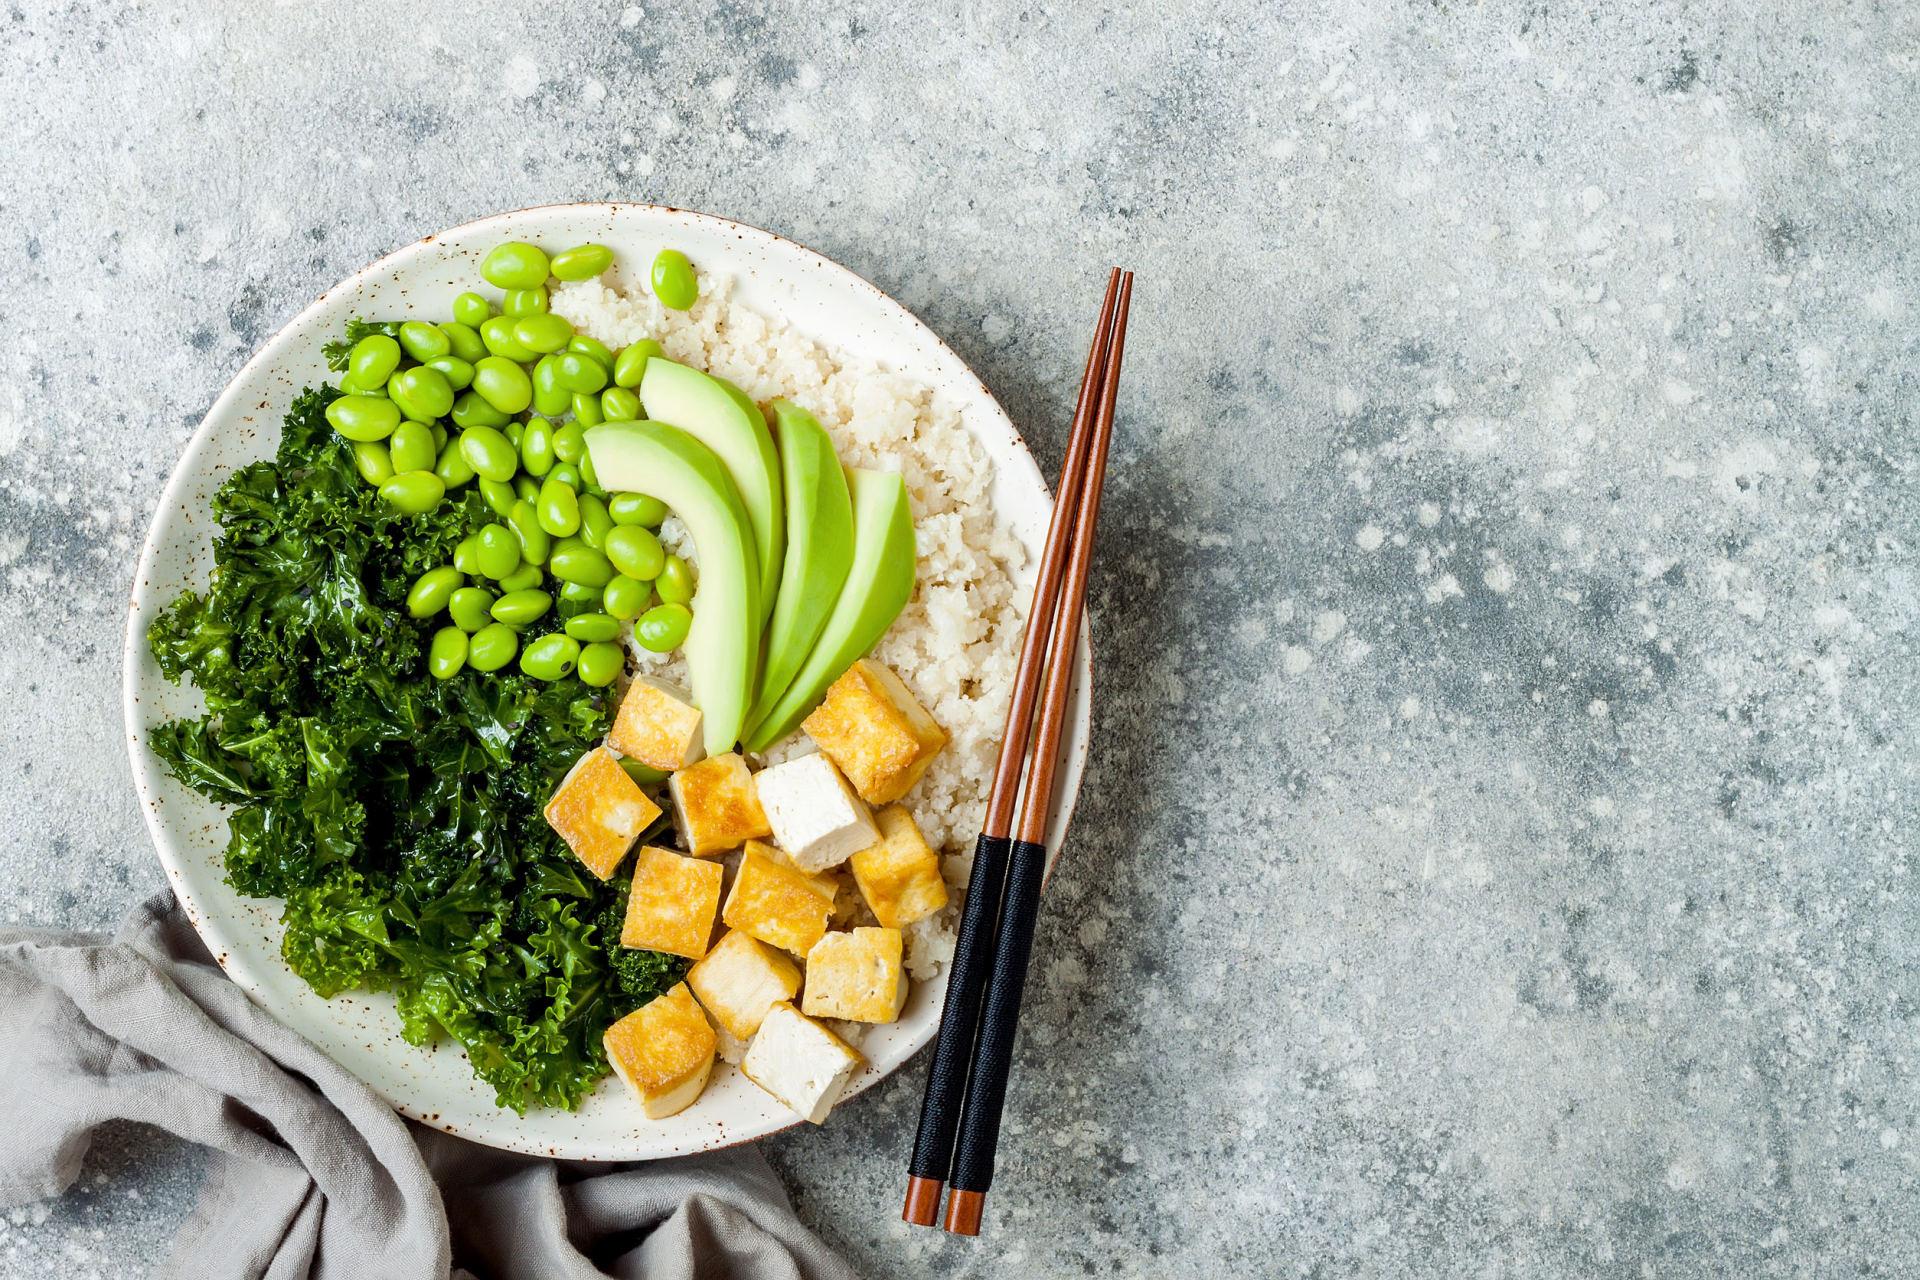 Geriausi maisto produktai sergant širdies ir kraujagyslių ligomis.